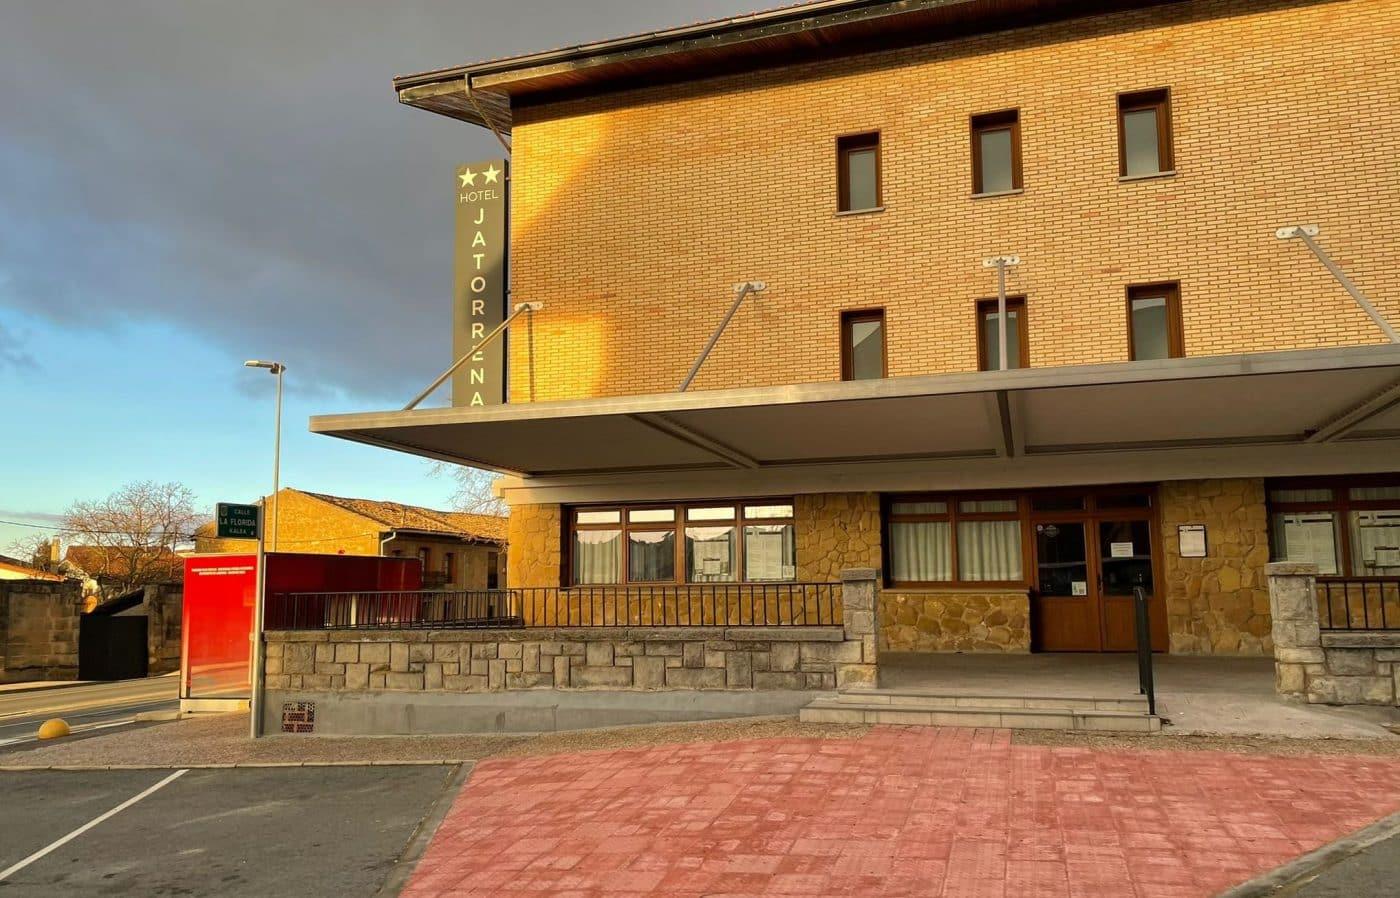 Labastida impulsa un plan de ayudas directas para comercio, hostelería, pymes y autónomos de 215.000 euros 1